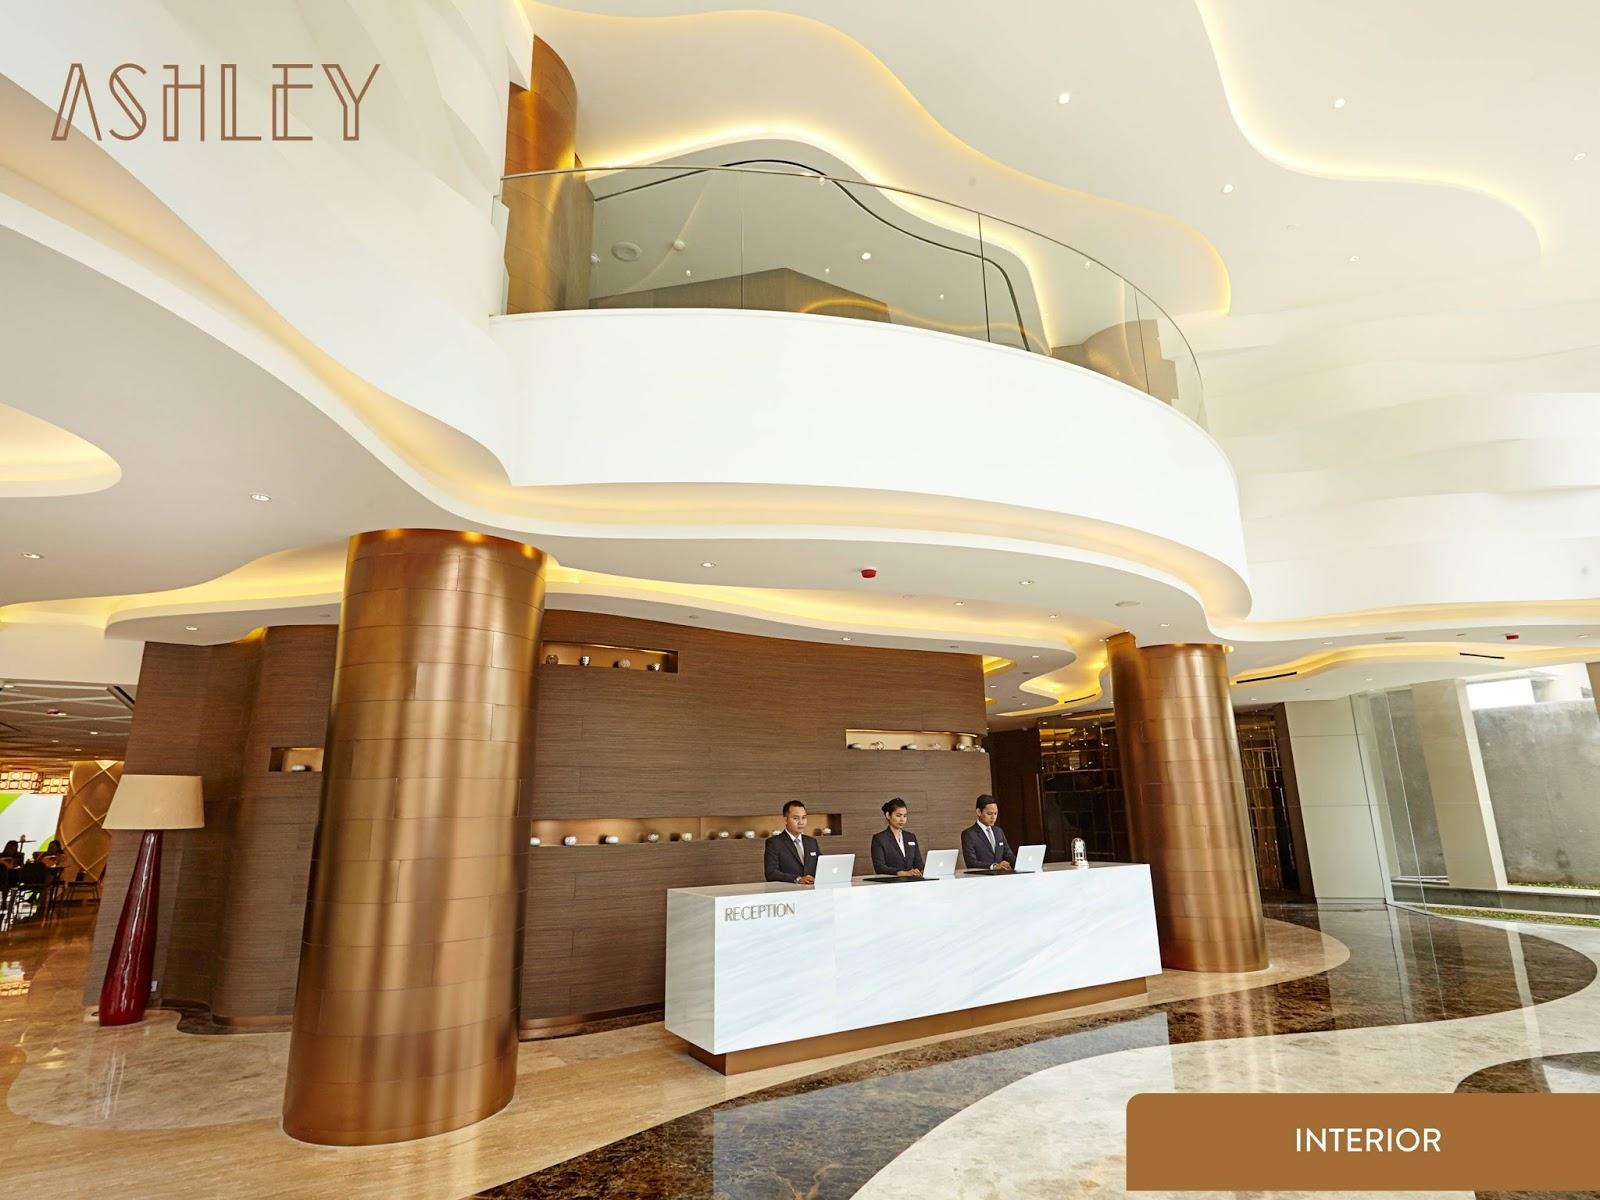 Cari Hotel Jakarta Ini Dia 8 Keuntungan Menginap Di Hotel Ashley Jakarta Nursaidr